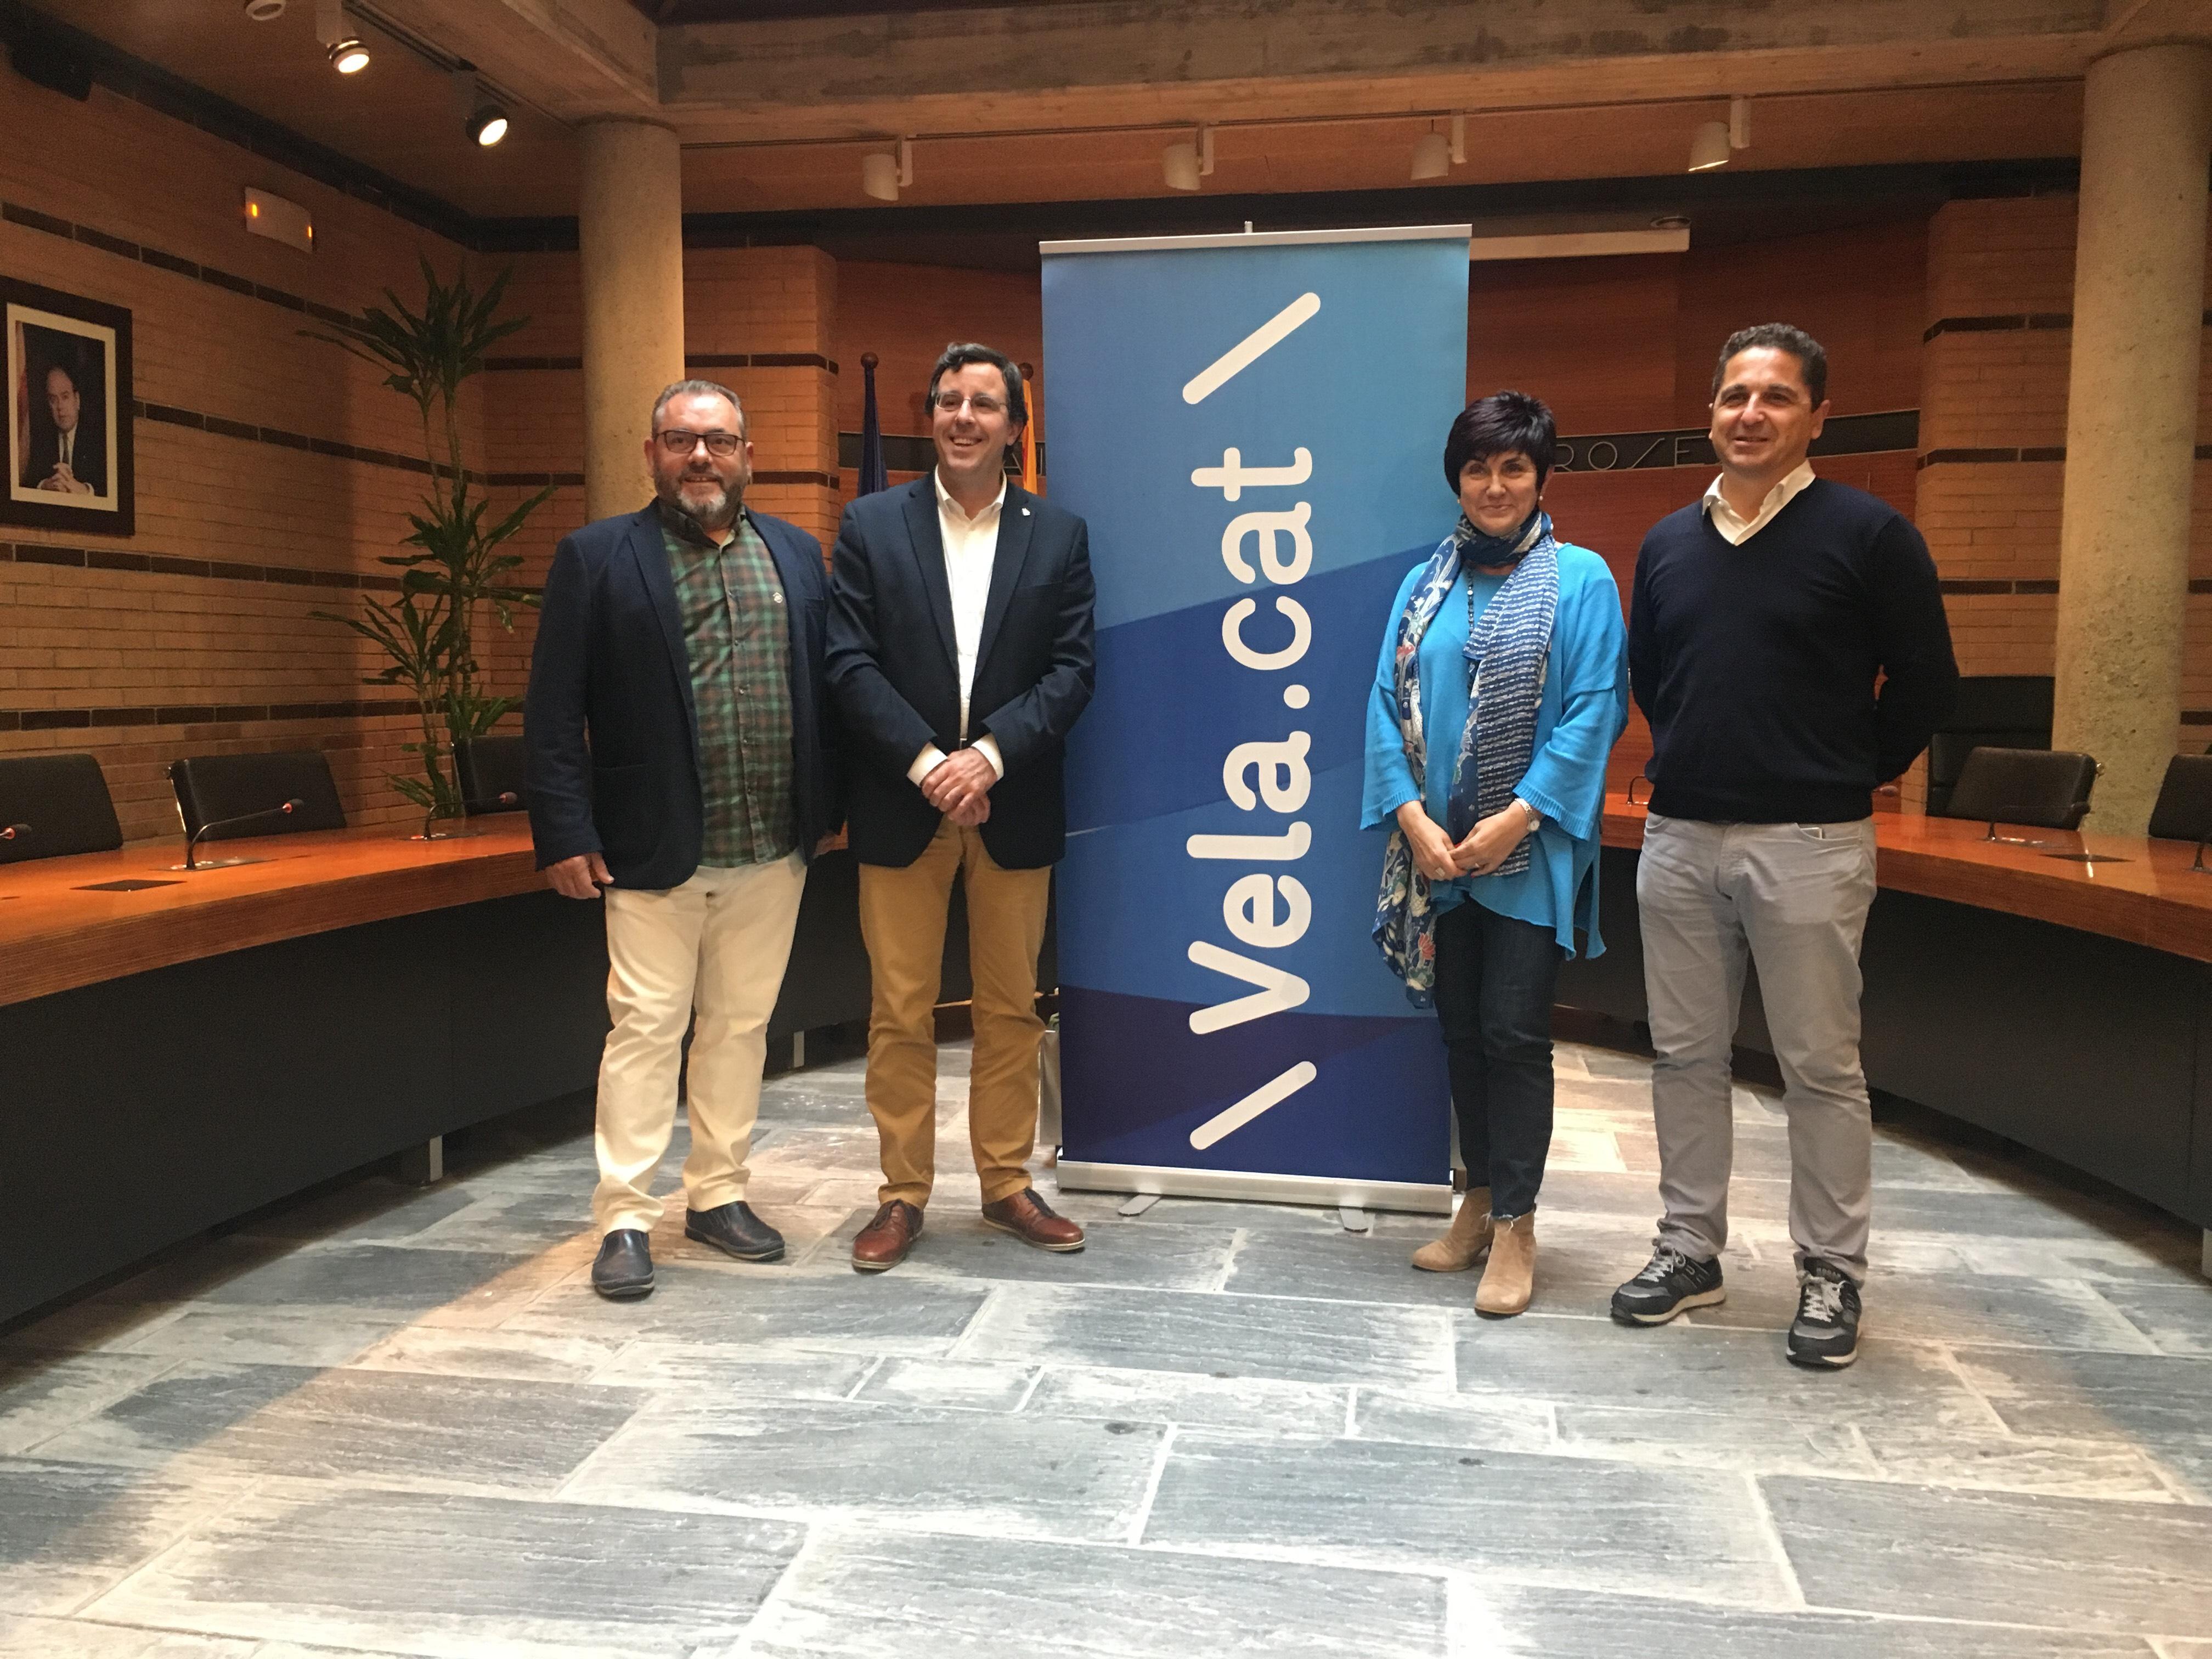 L'Ajuntament de Roses i la Federació Catalana de Vela signen el conveni per a l'activitat de l'Esport Blau de Vela Escolar